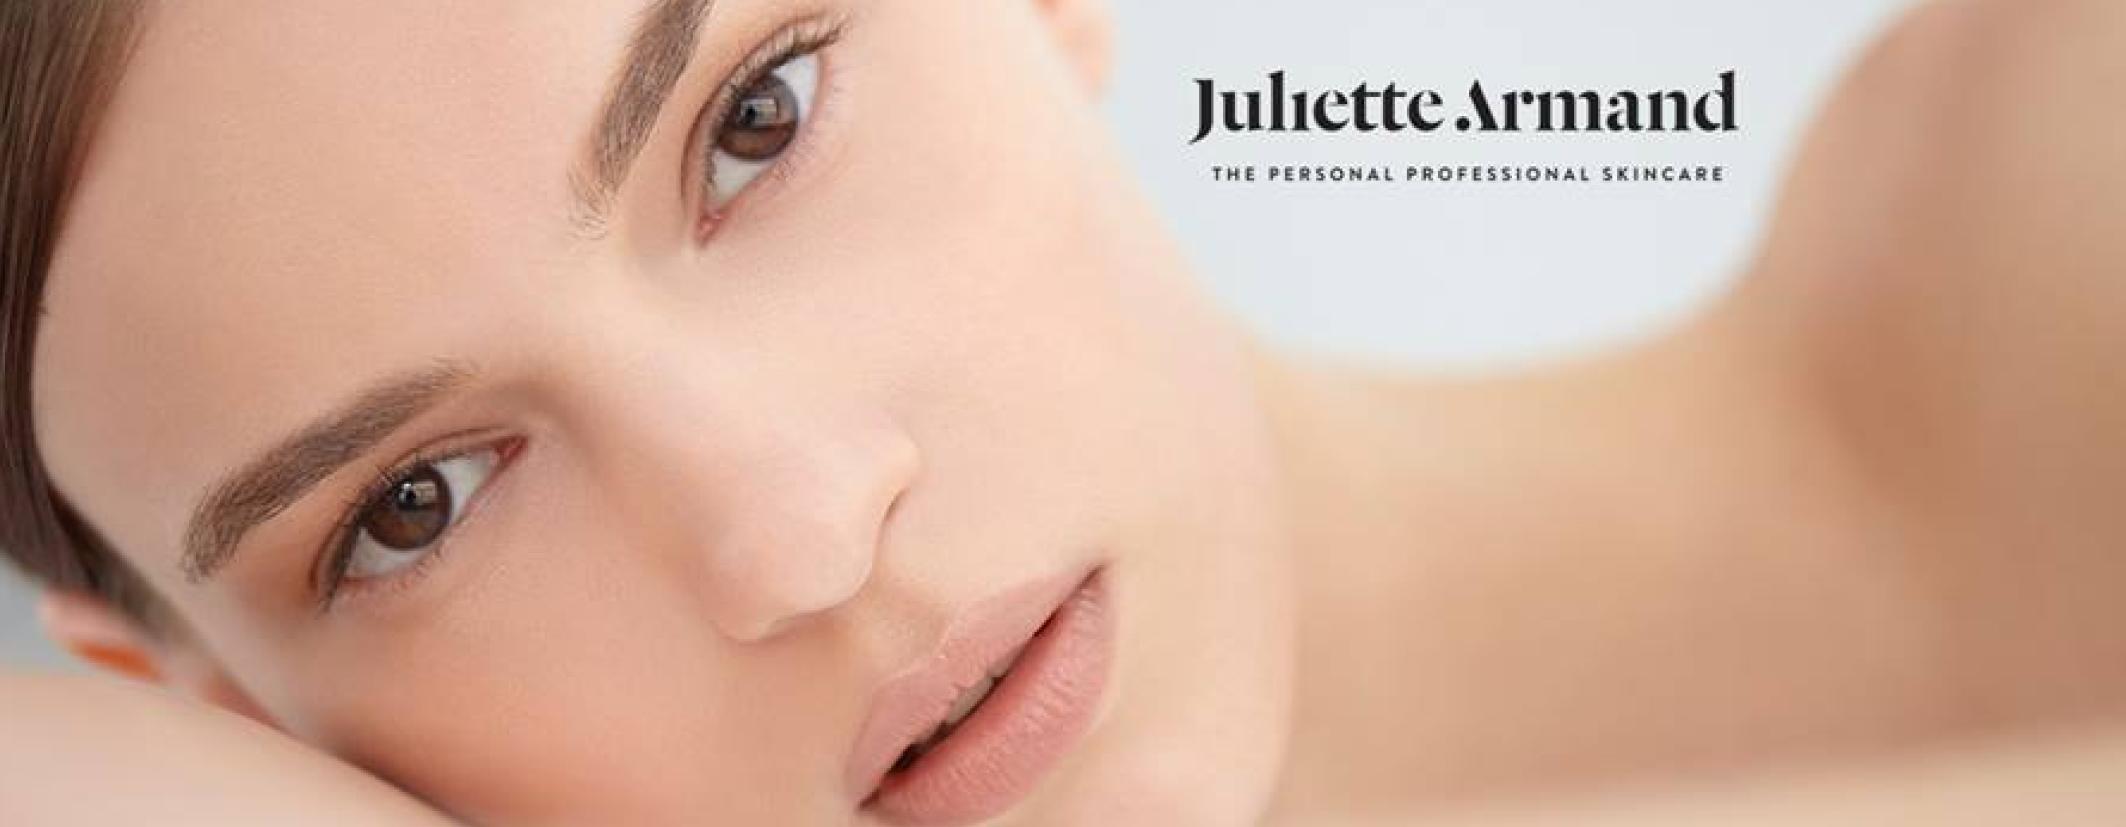 Juliette Armand Budel - Beauty Concepts Jolanda in Budel - Schoonheidssalon in Budel